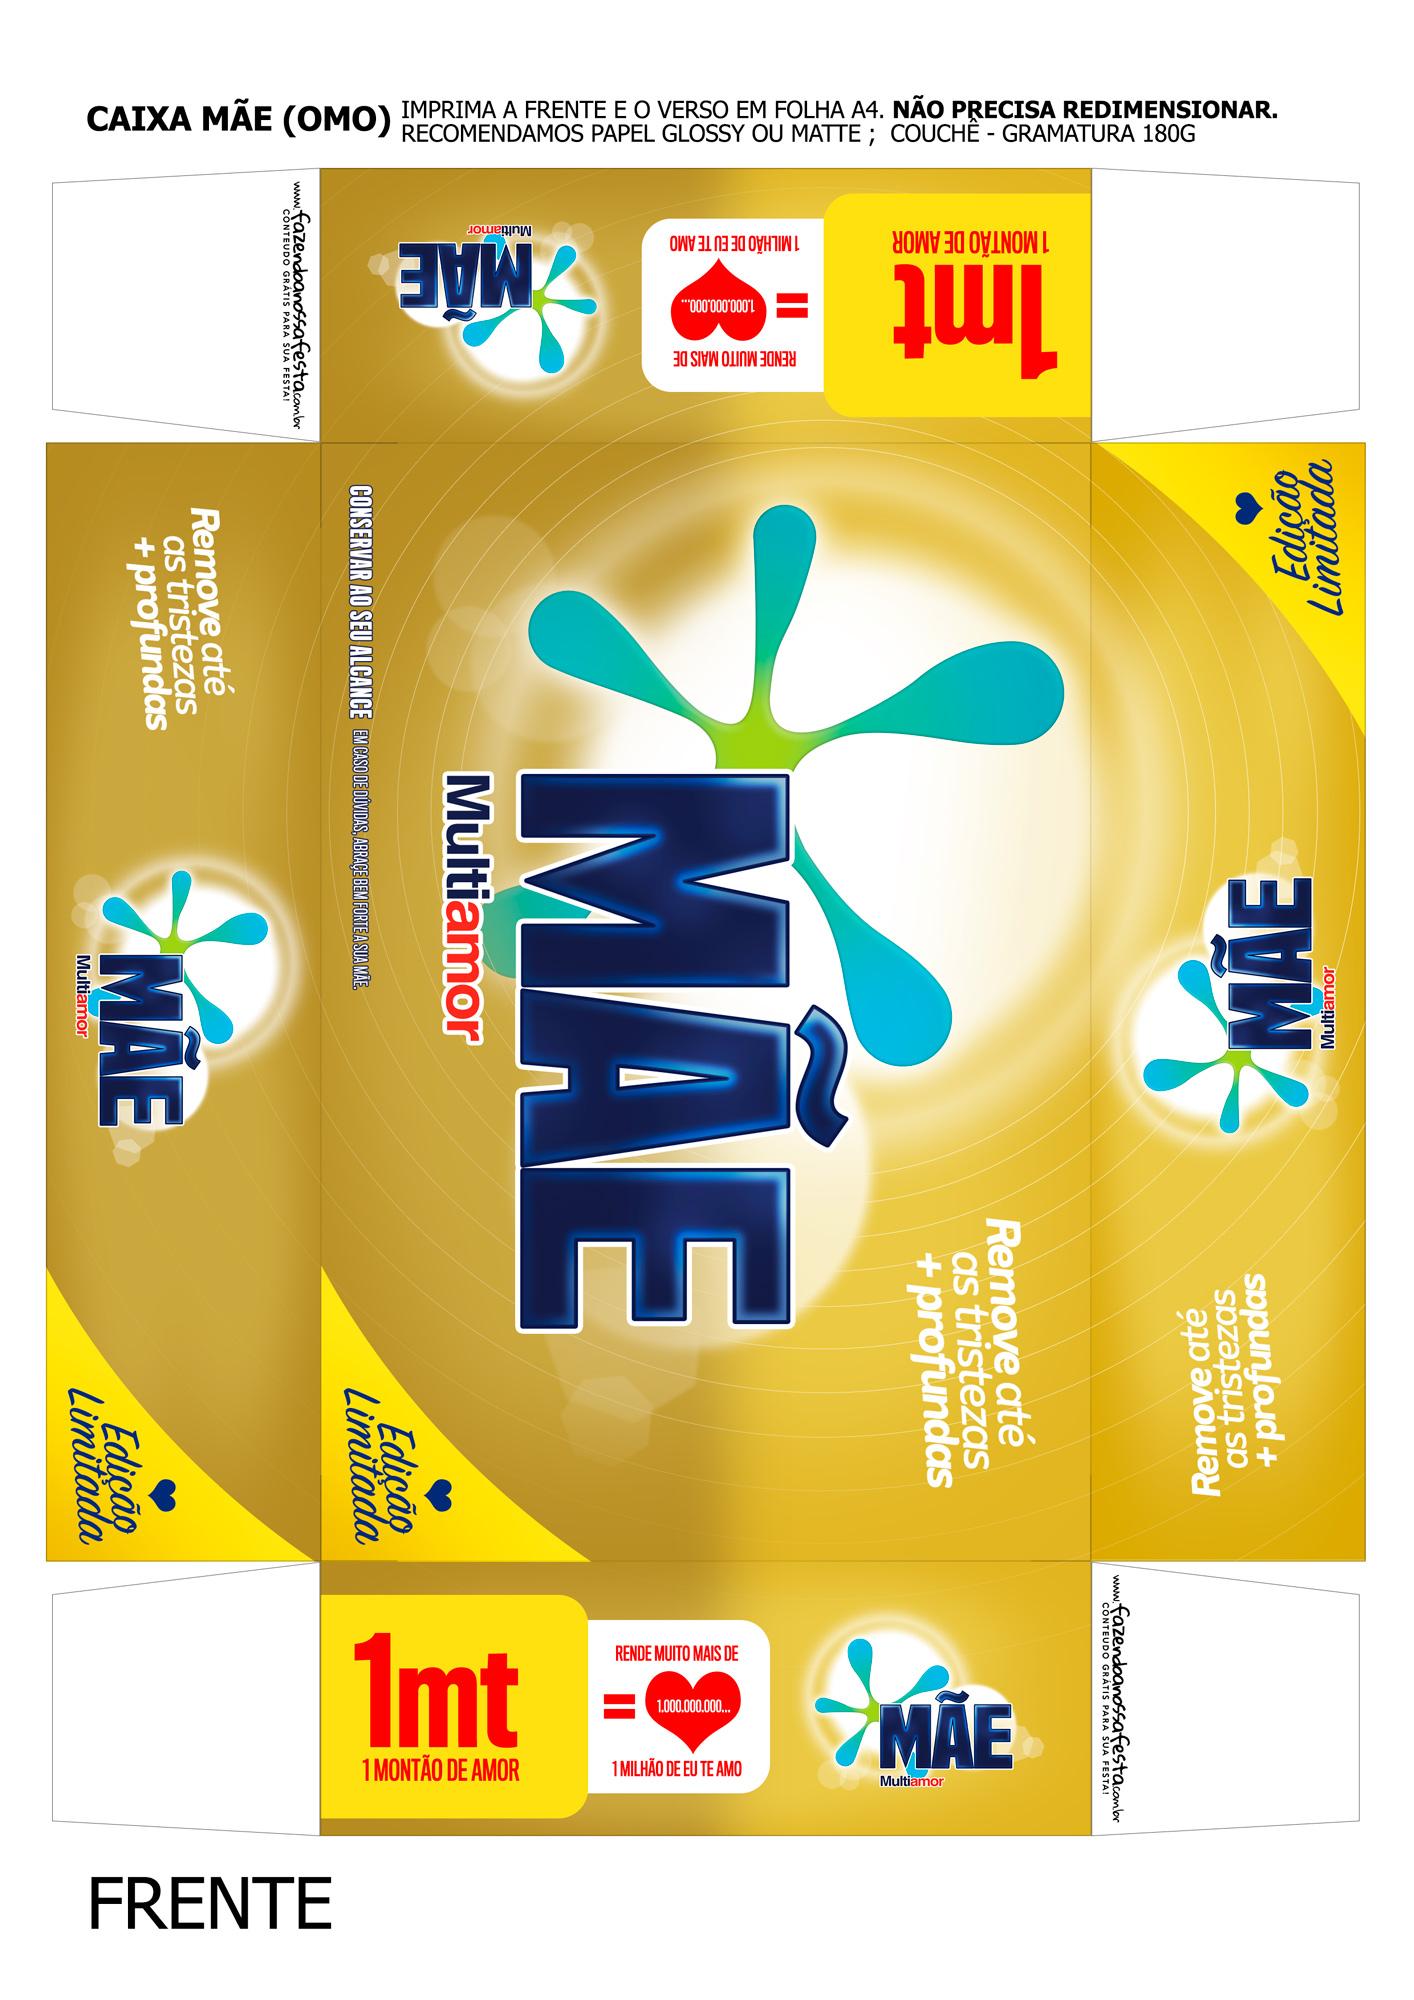 caixa m u00e3e omo 3 - parte de cima